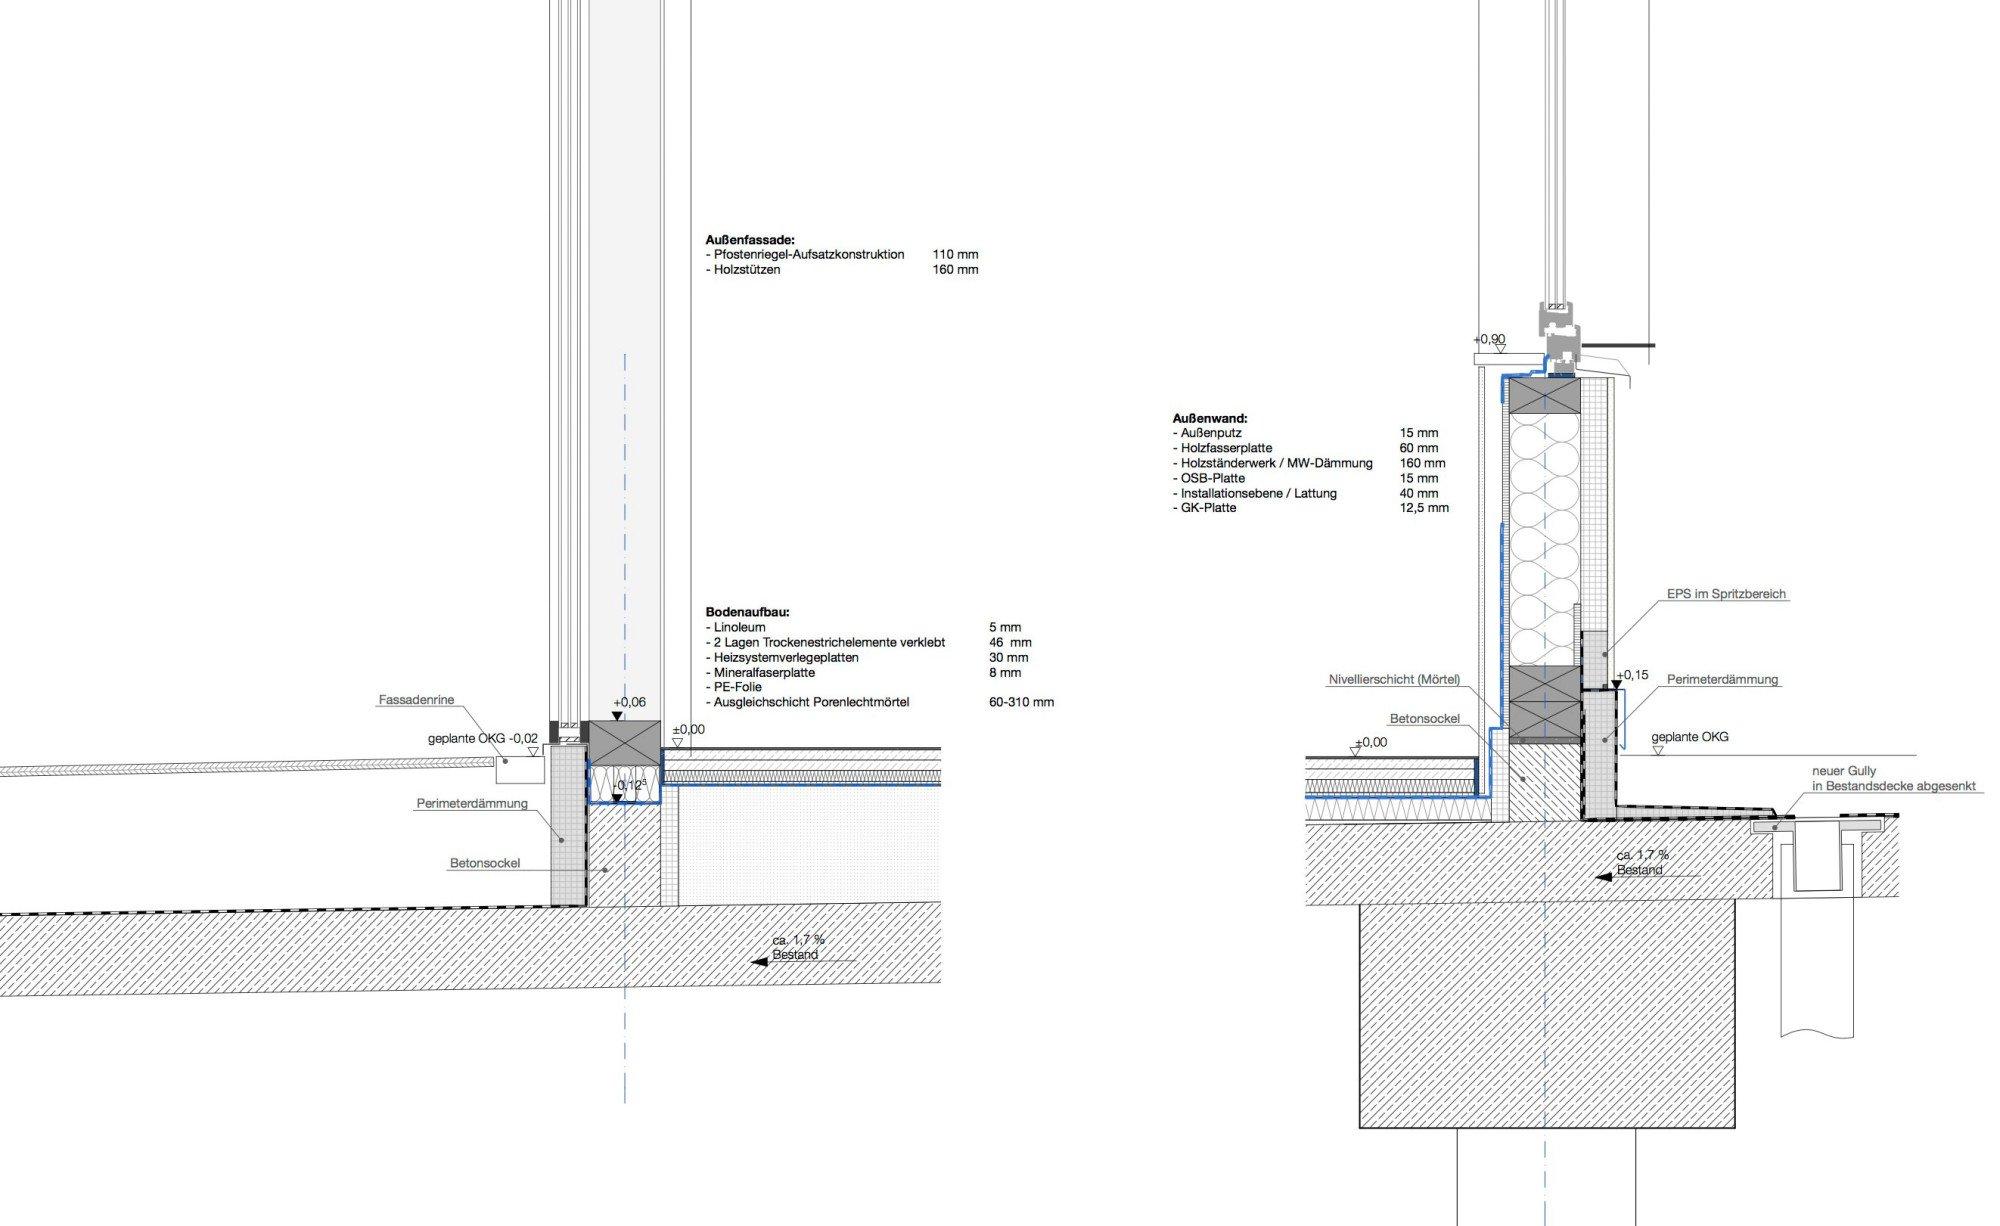 Eingangstür detail grundriss  Kita Wolke 10 in Nürnberg | Flachdach | Bildung | Baunetz_Wissen